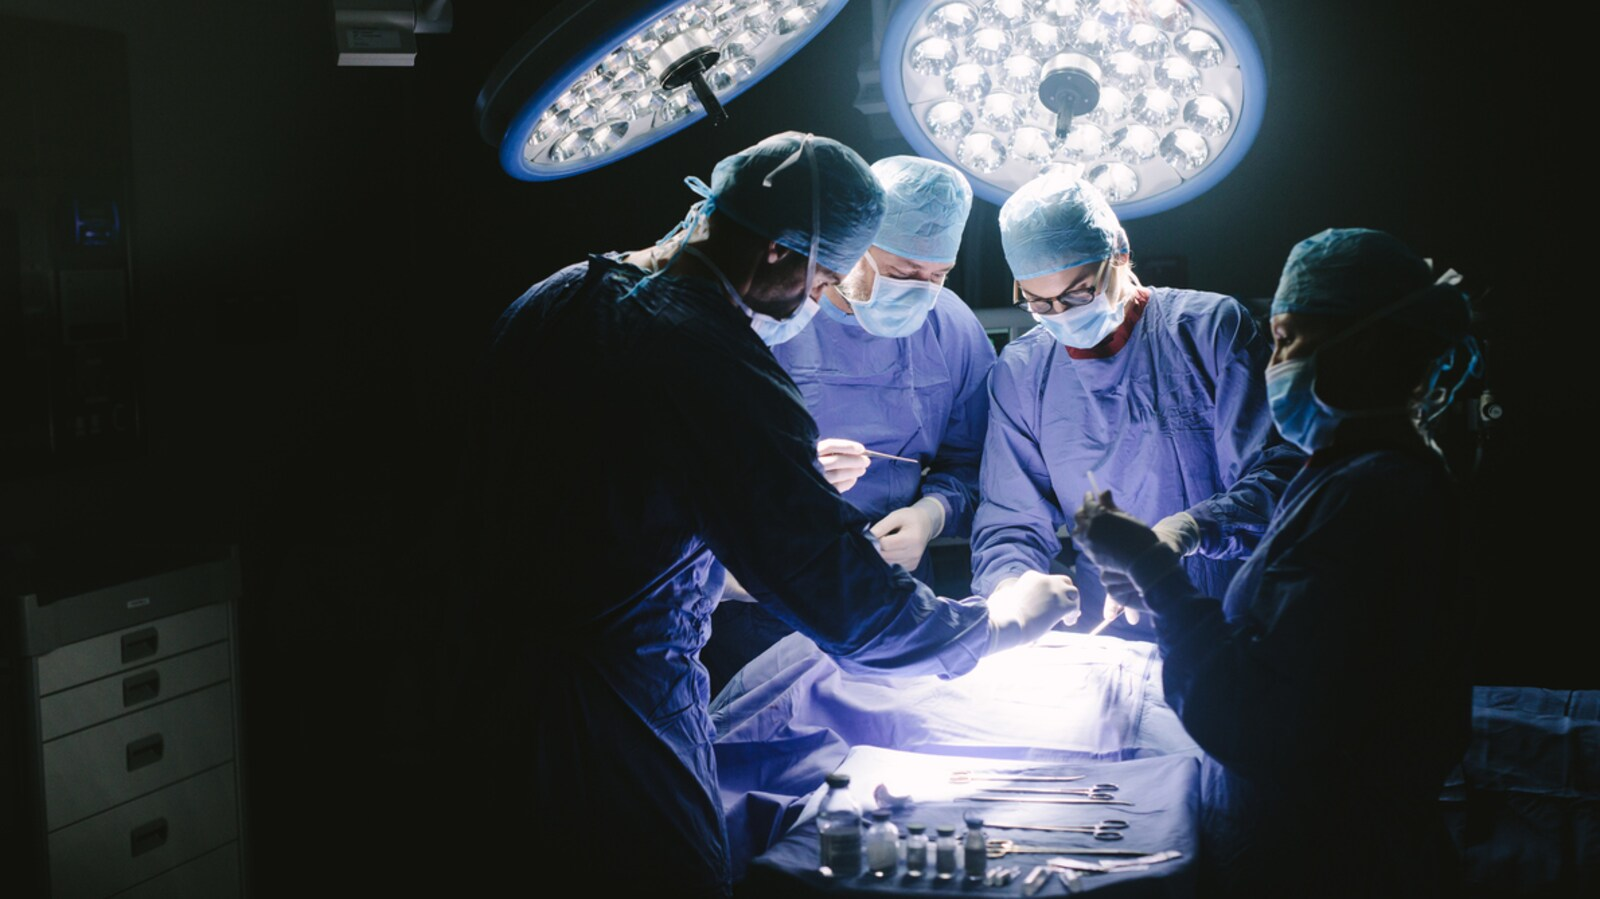 Vue générale d'une salle d'opération avec quatre membres d'une équipe médicale à l'oeuvre.